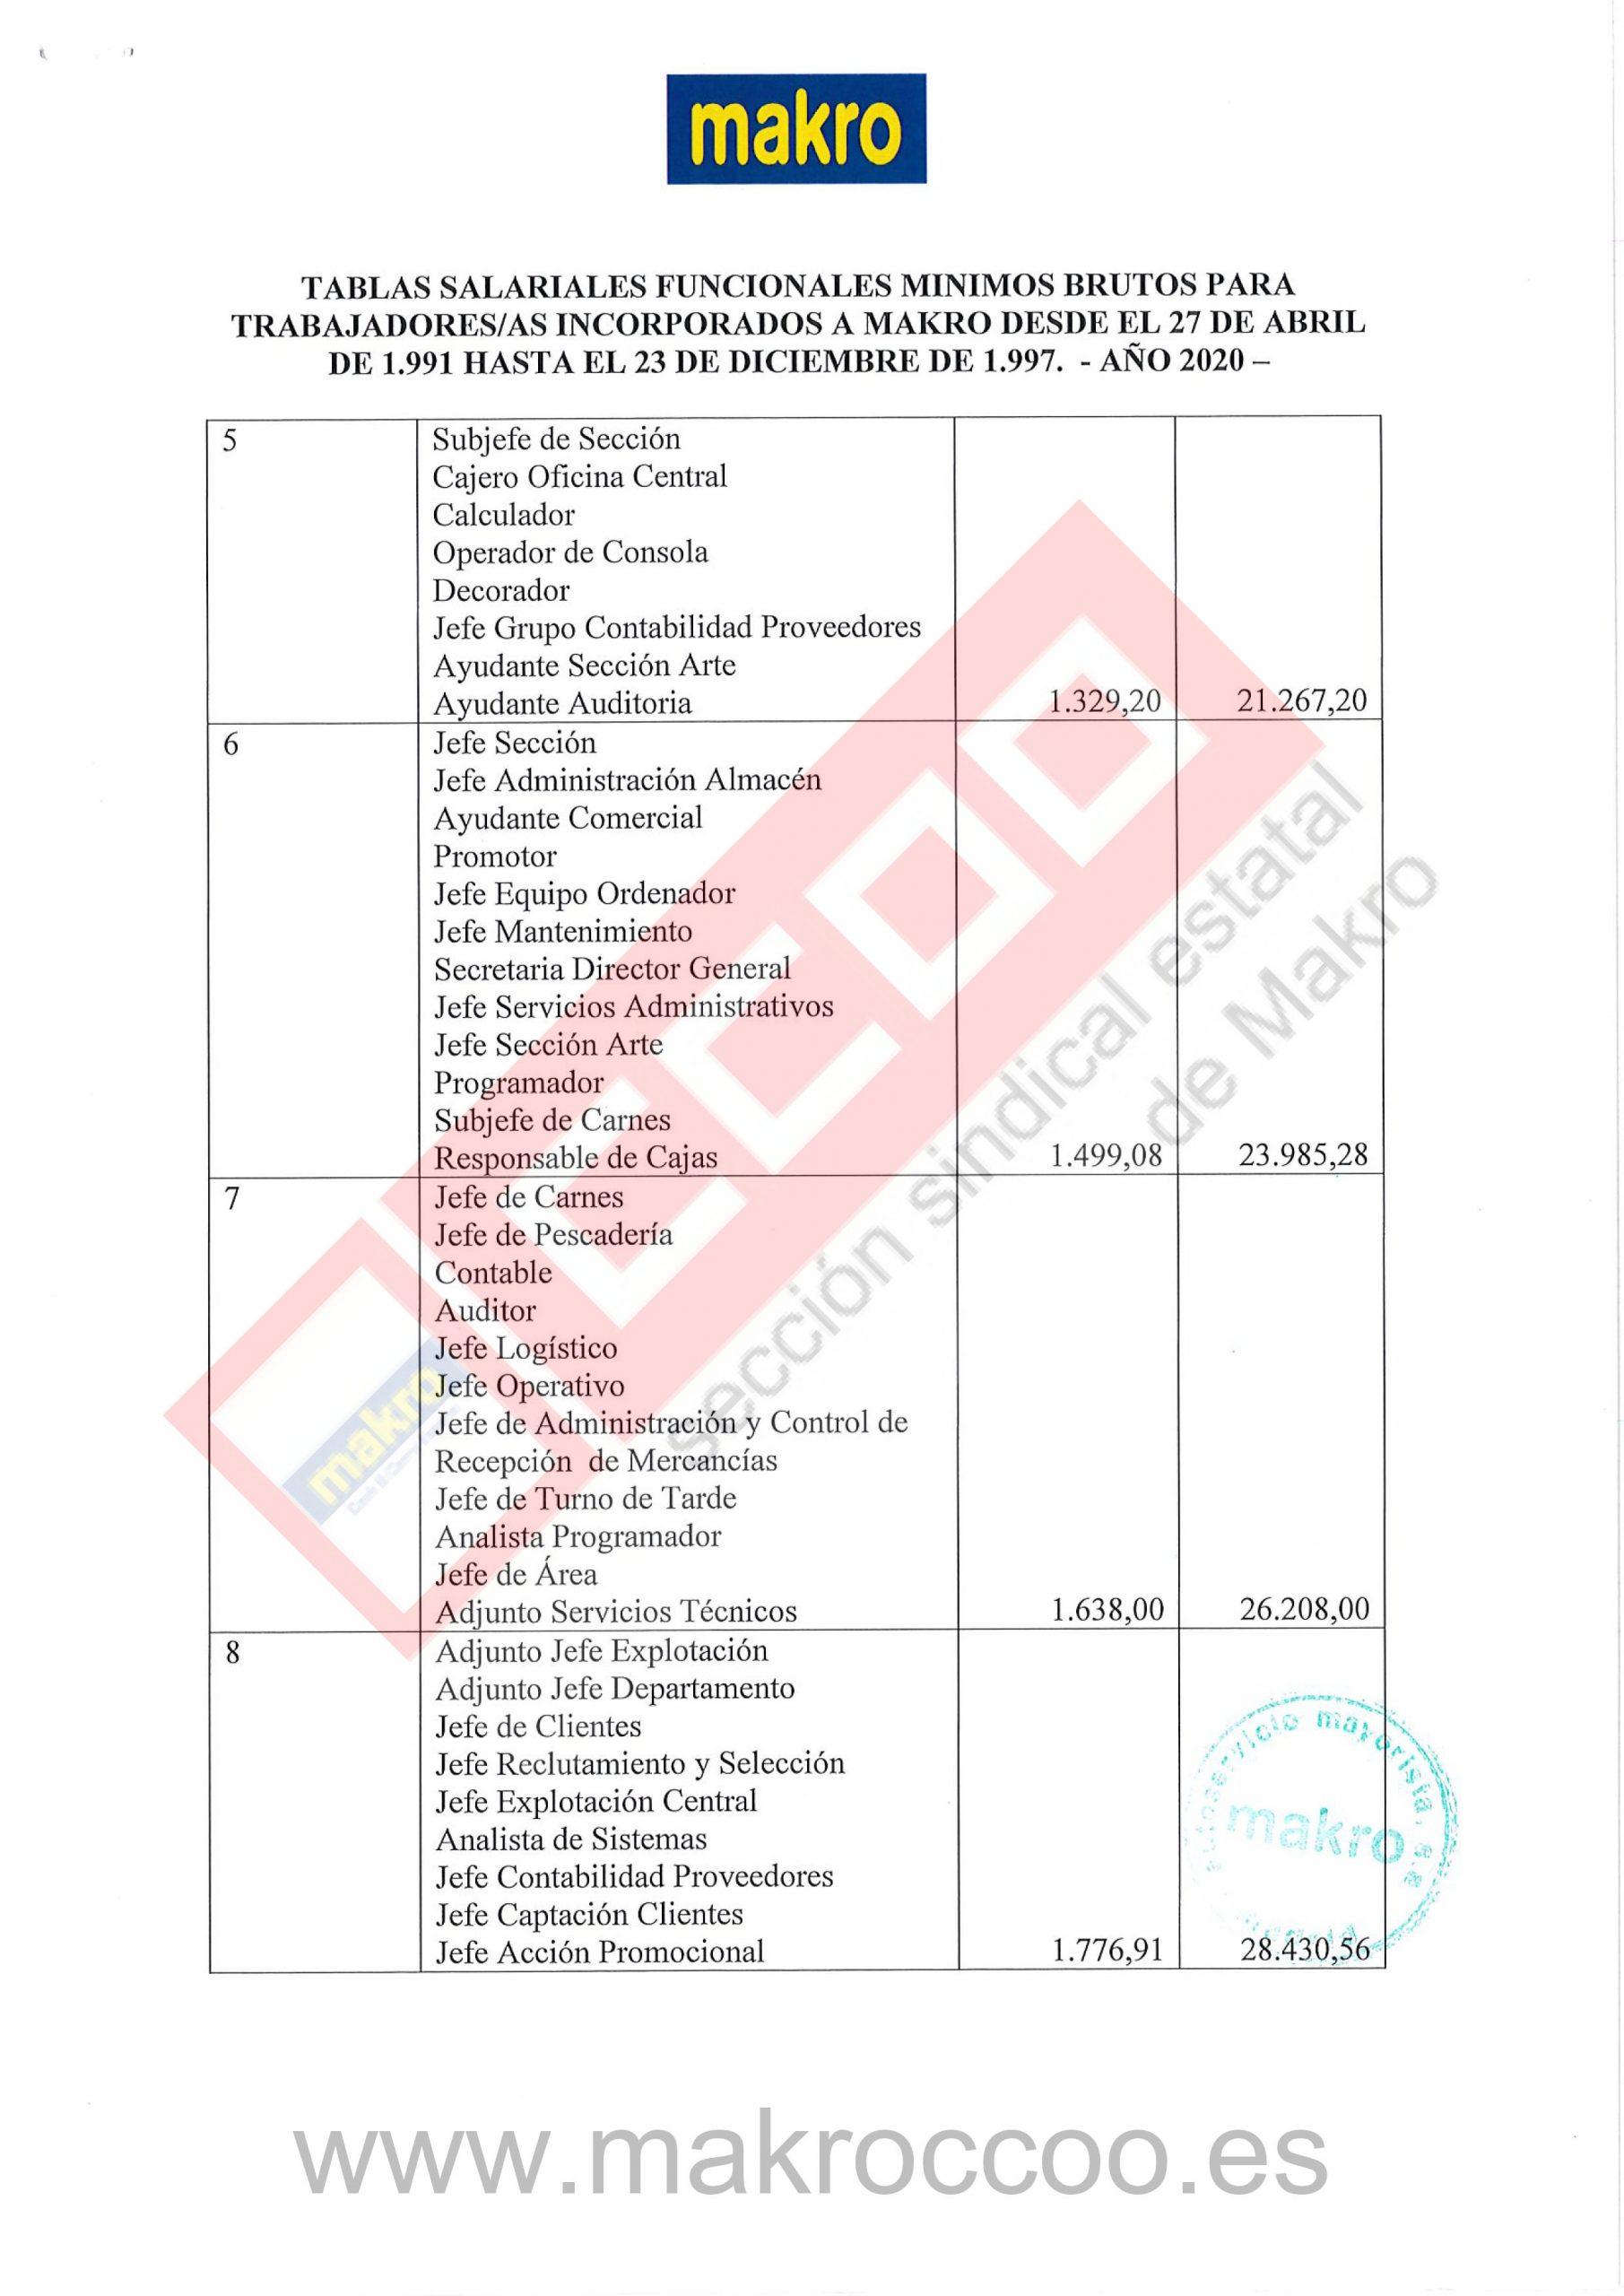 Tabla Salarial 2020 Makro Trabajadores incorporados 27 04 1991 hasta 23 Diciembre 1997-2